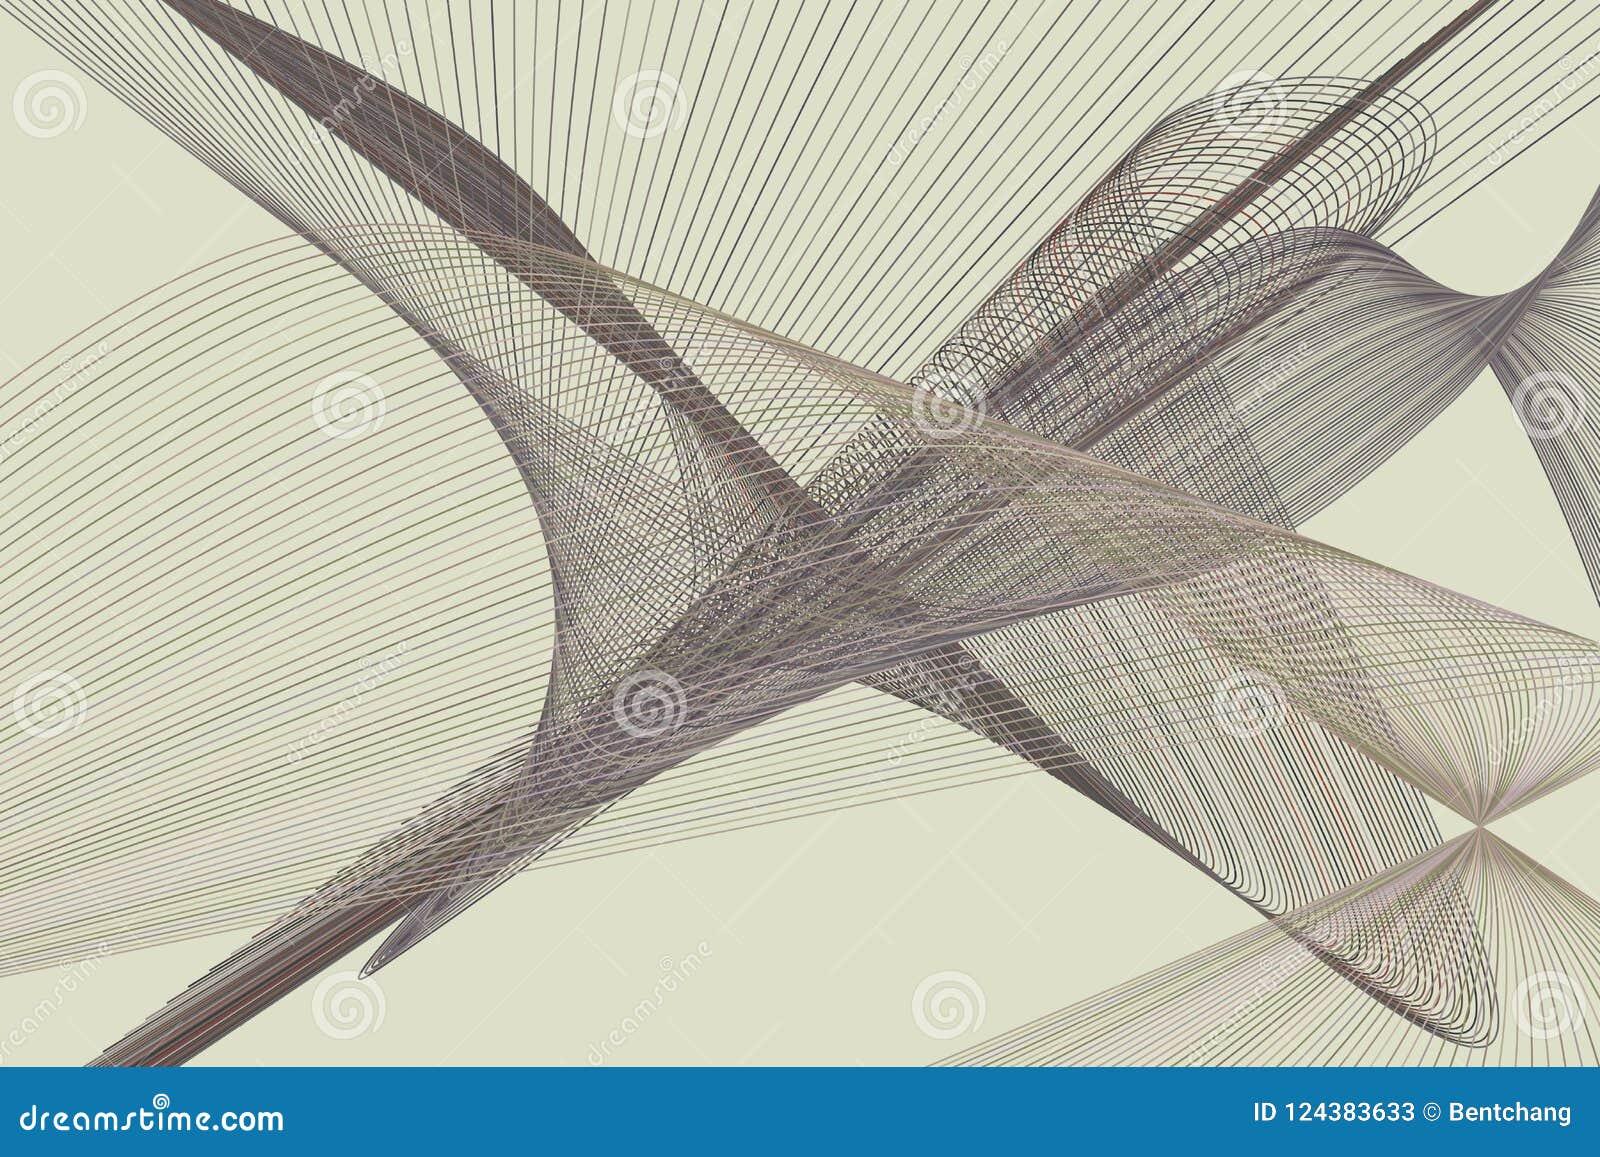 Línea abstracta y modelo geométrico de la curva, colorido y artístico para el diseño gráfico Vector, papel pintado, concepto y ej